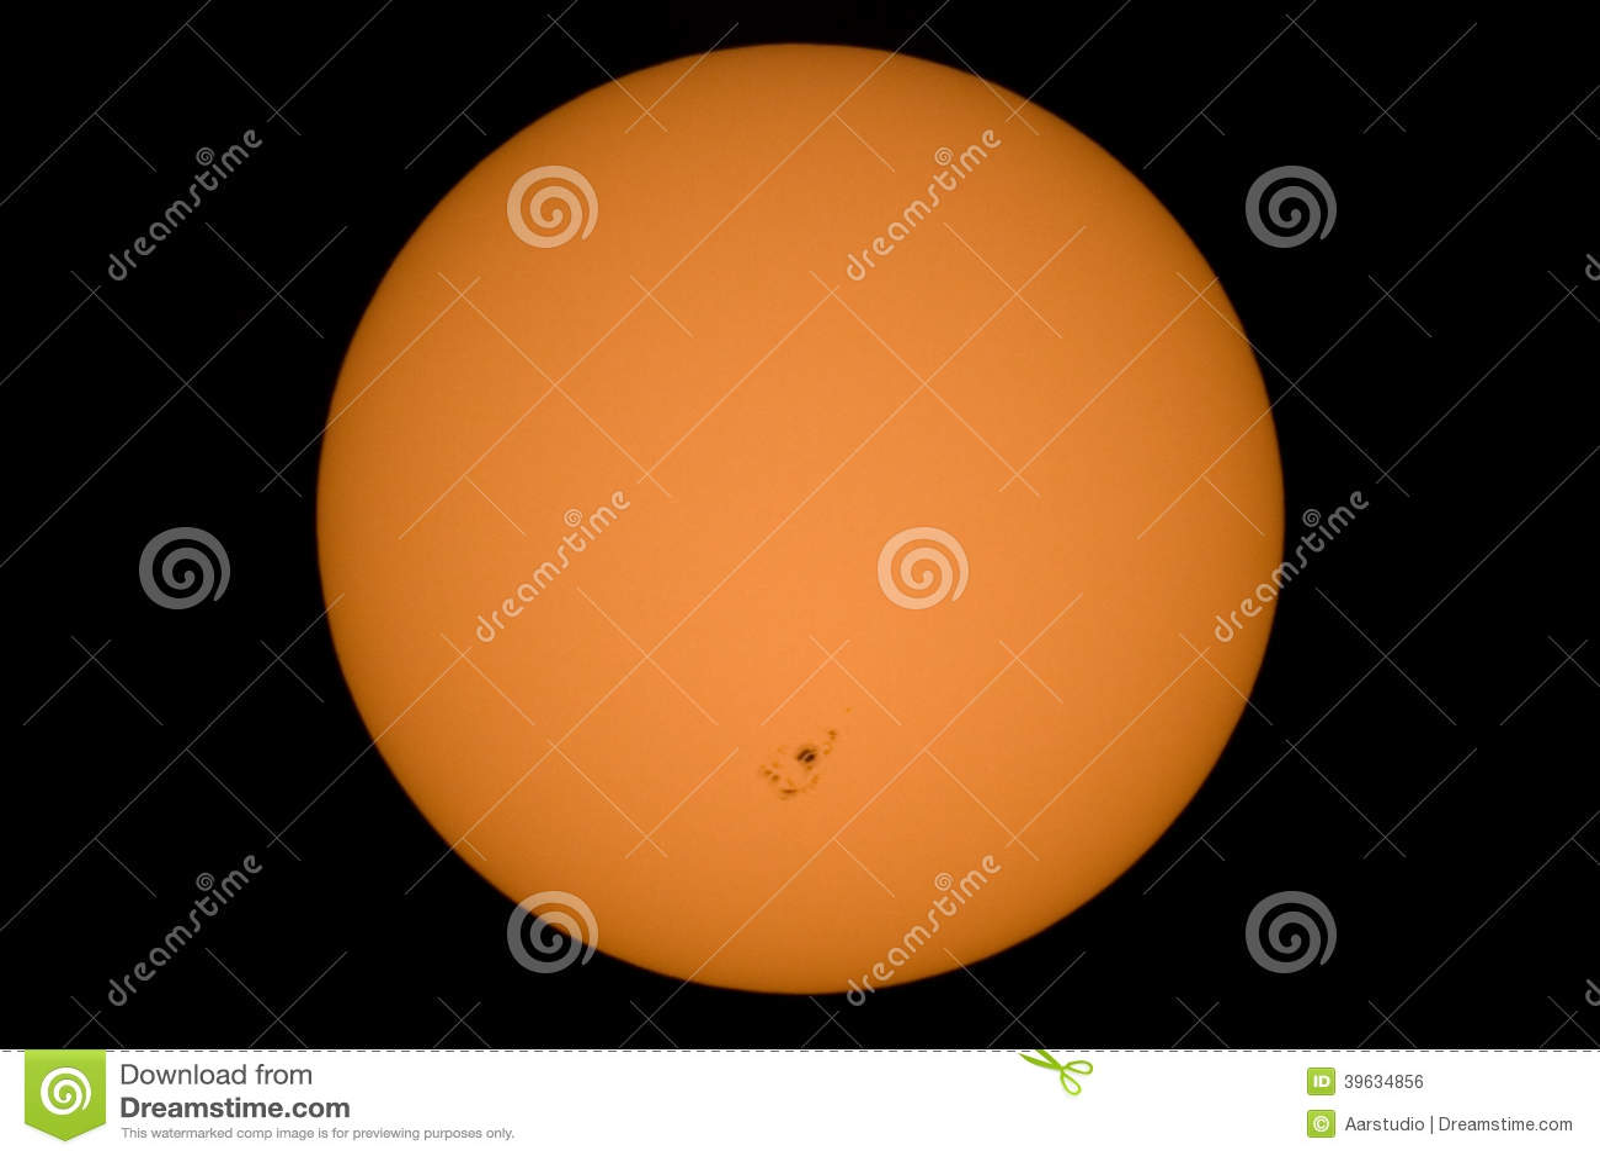 Imagen Real Del Sol Con Un Grupo Grande De La Mancha Solar Hecho